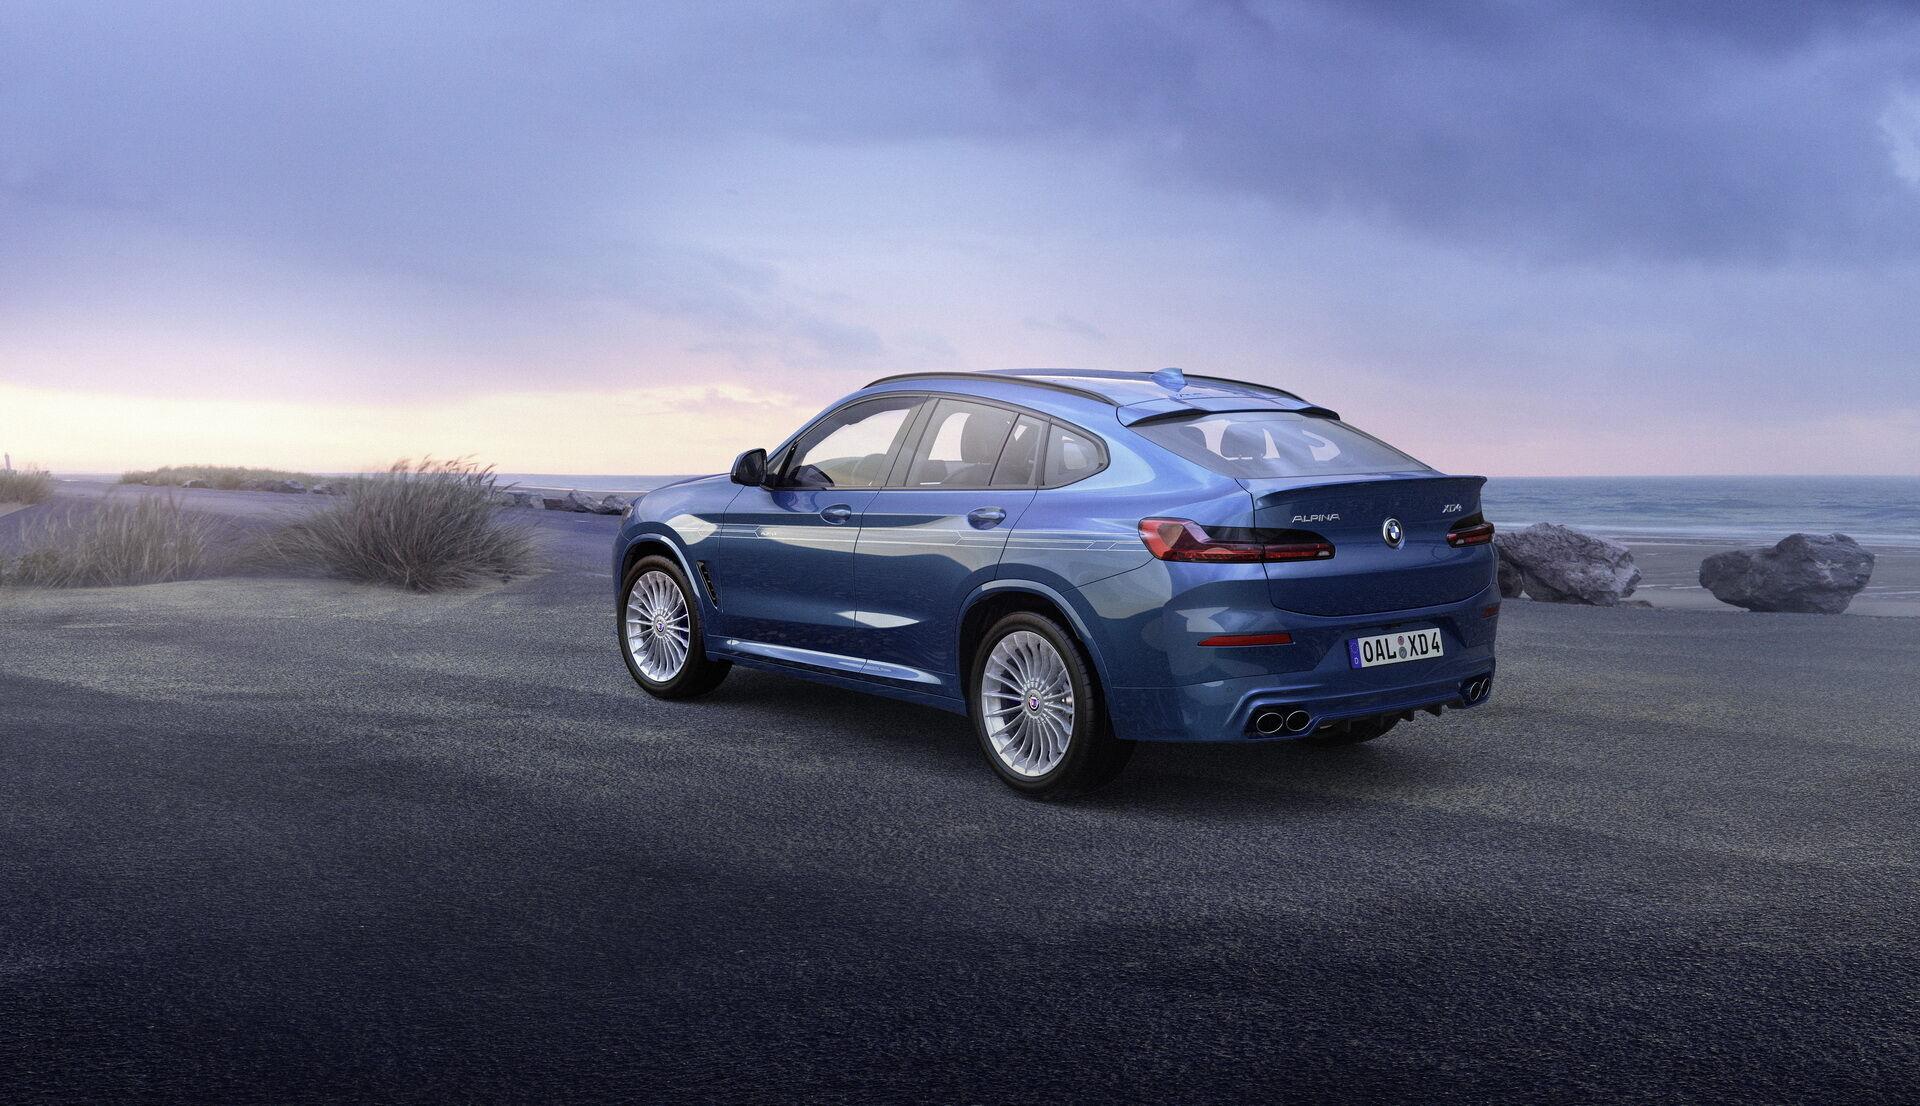 Вартість у Німеччині стартує з позначки 85 900 євро за Alpina XD3, а XD4 обійдеться щонайменше у 89 100 євро